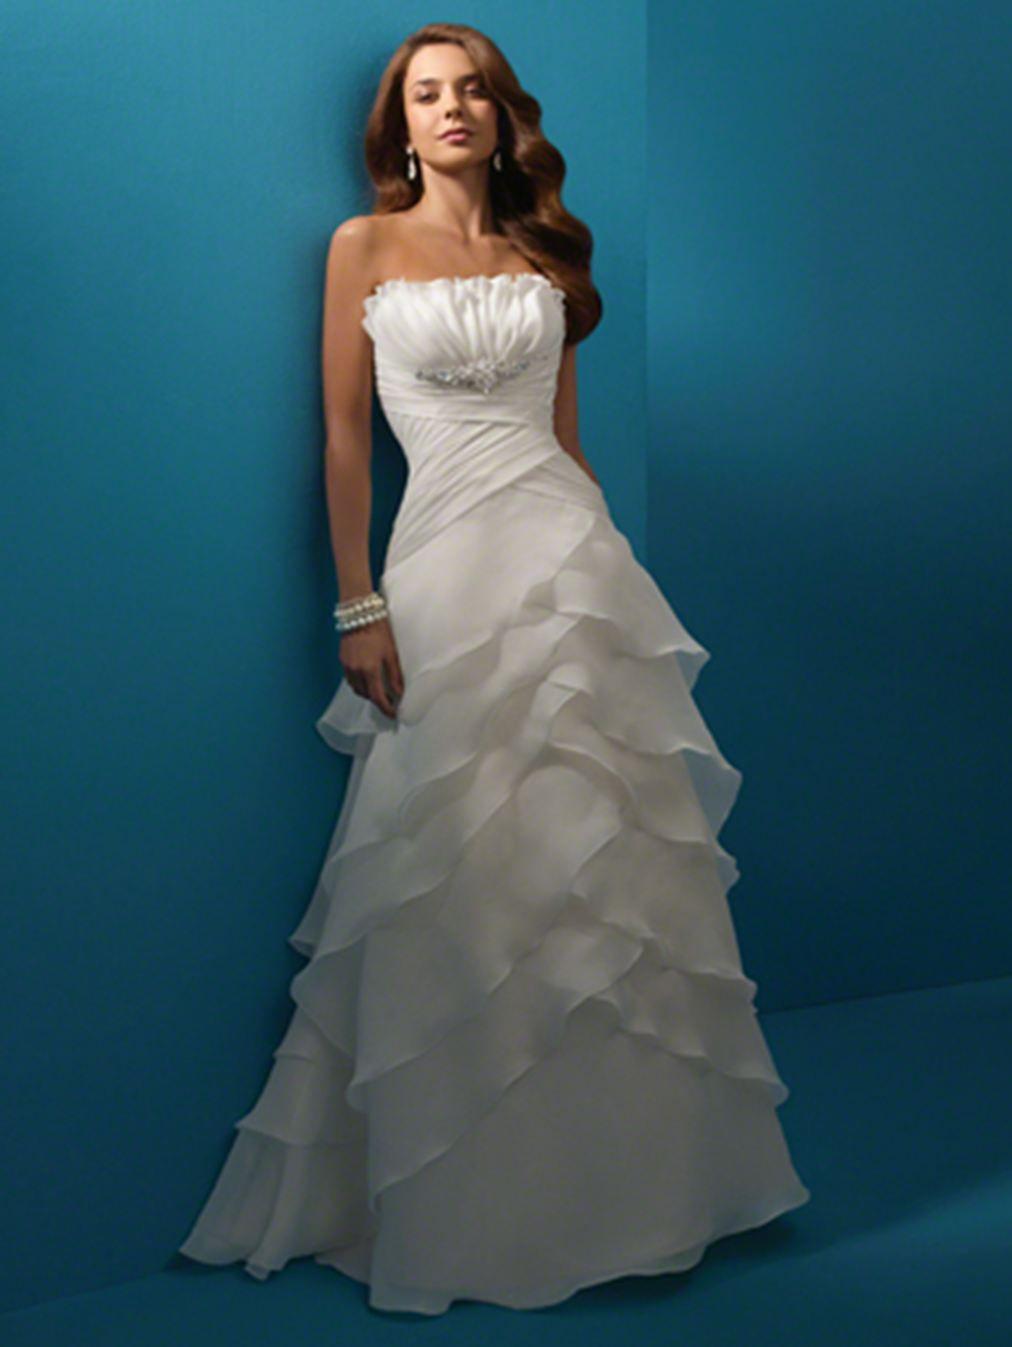 flower girl dresses beach wedding beach dresses for wedding Beach Wedding Dress Wedding Bridesmaid Flower Girl Prom Dresses P